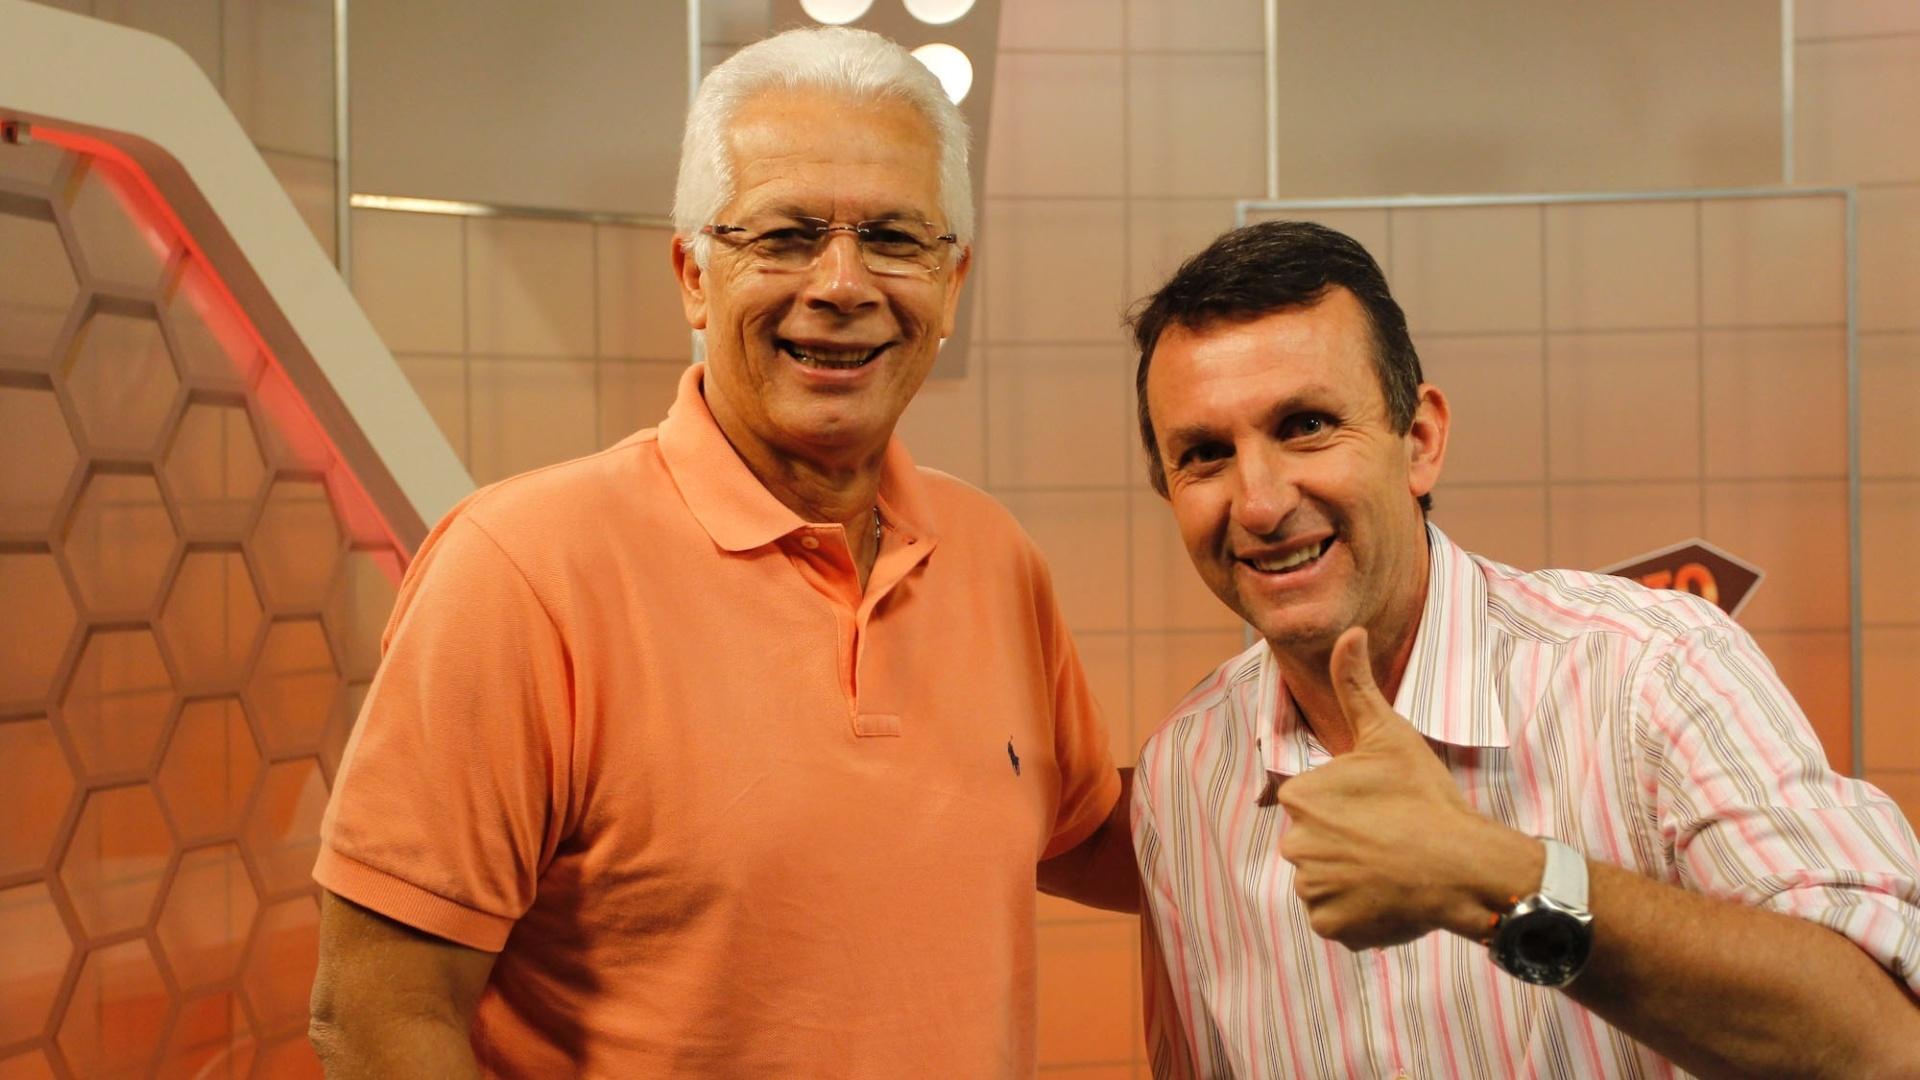 Neto recebe o ex-goleiro e técnico de futebol Leão no